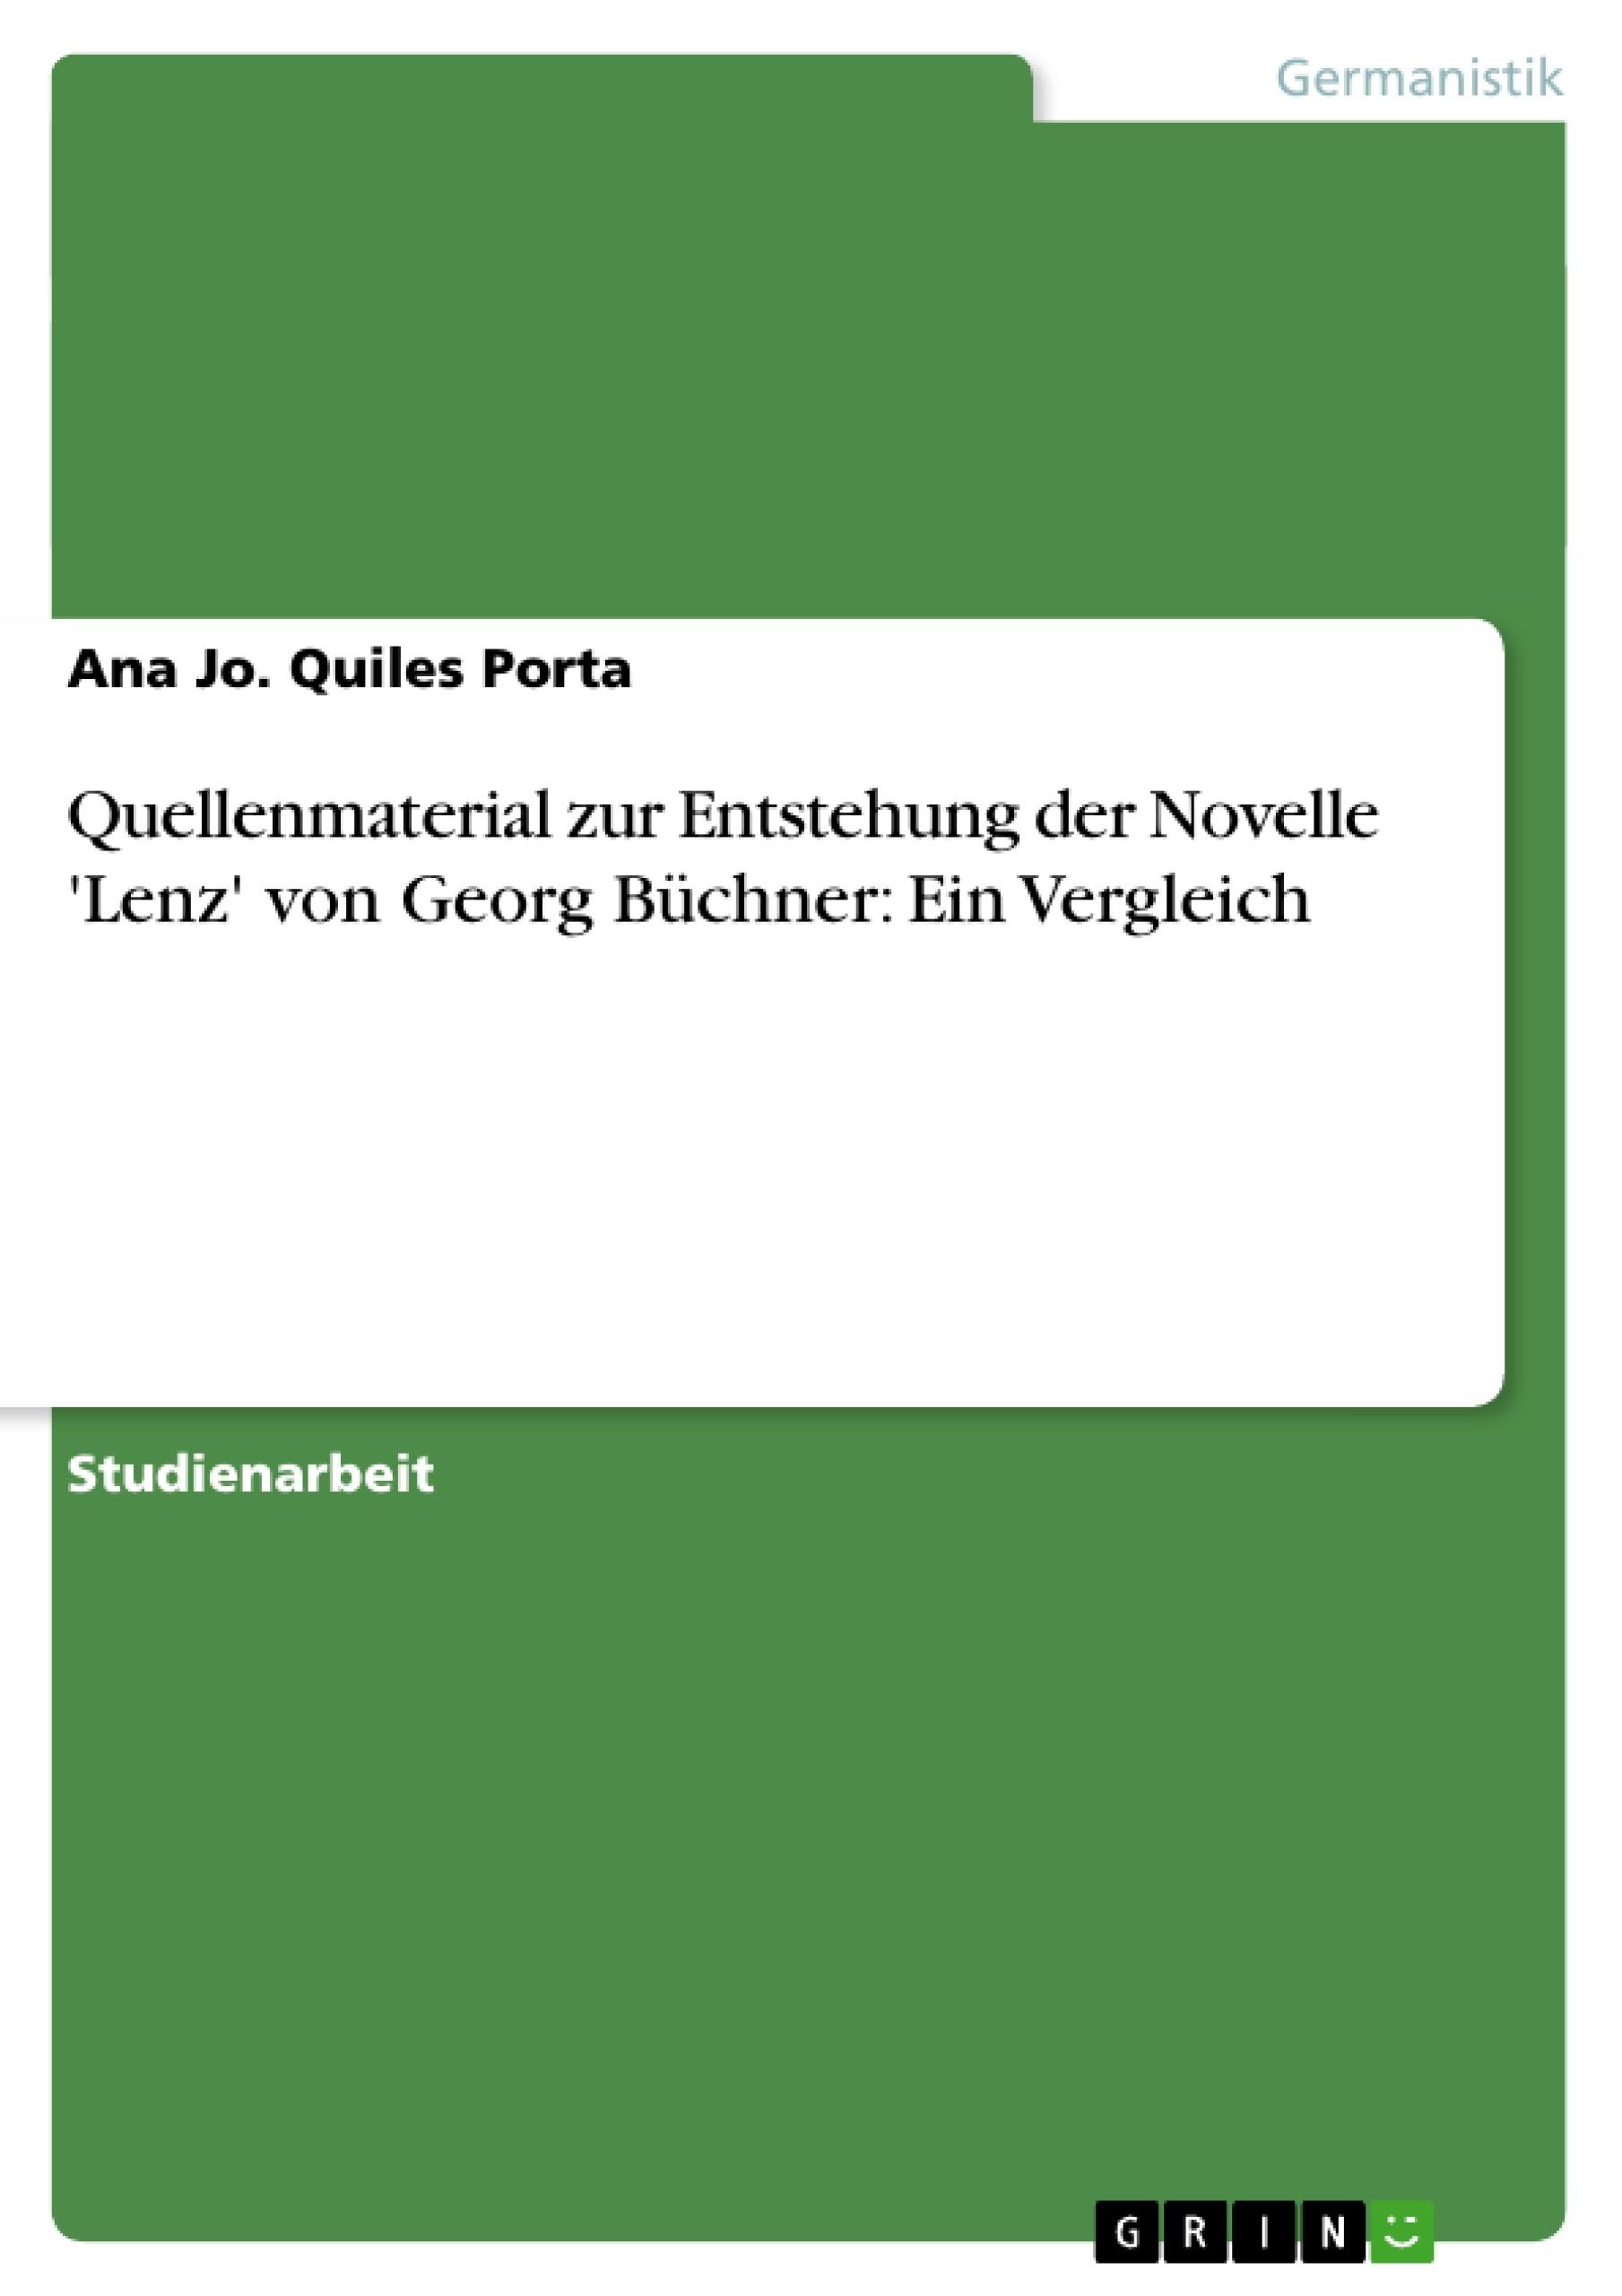 Titel: Quellenmaterial zur Entstehung der Novelle 'Lenz' von Georg Büchner: Ein Vergleich